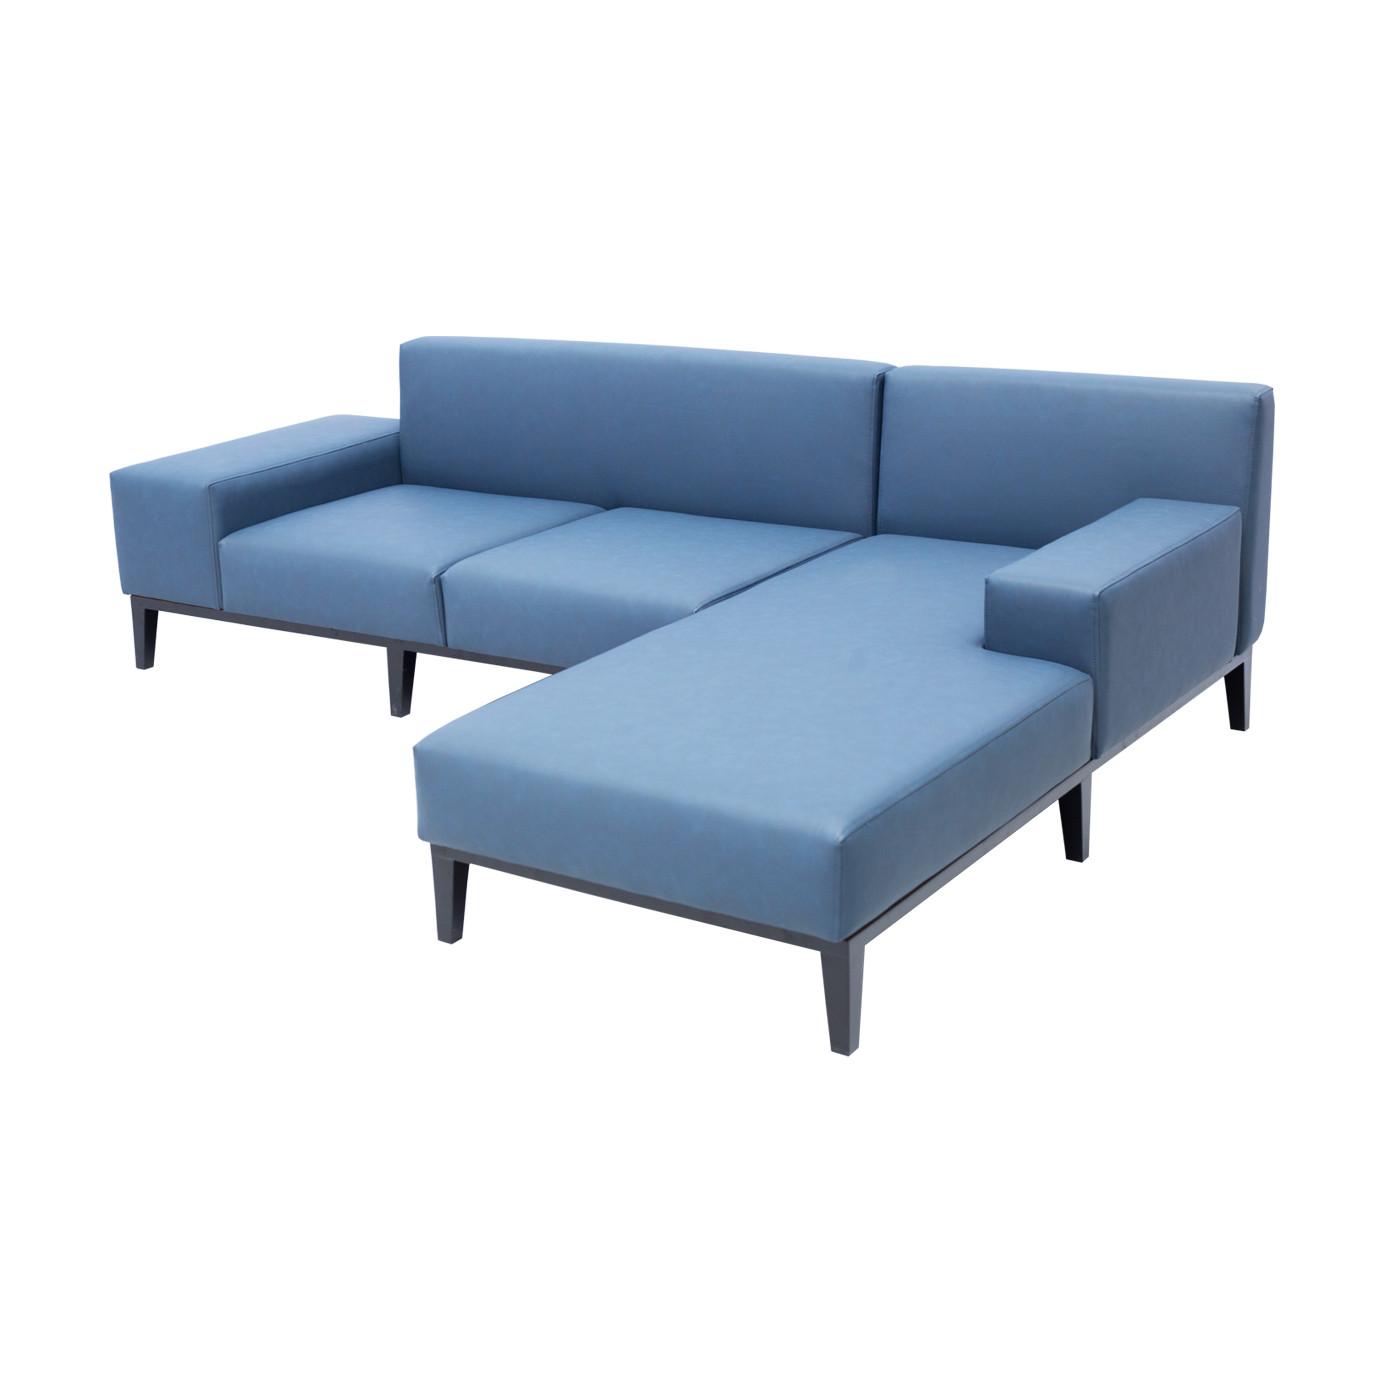 SoHo Blue Faux Leather Sofa Black